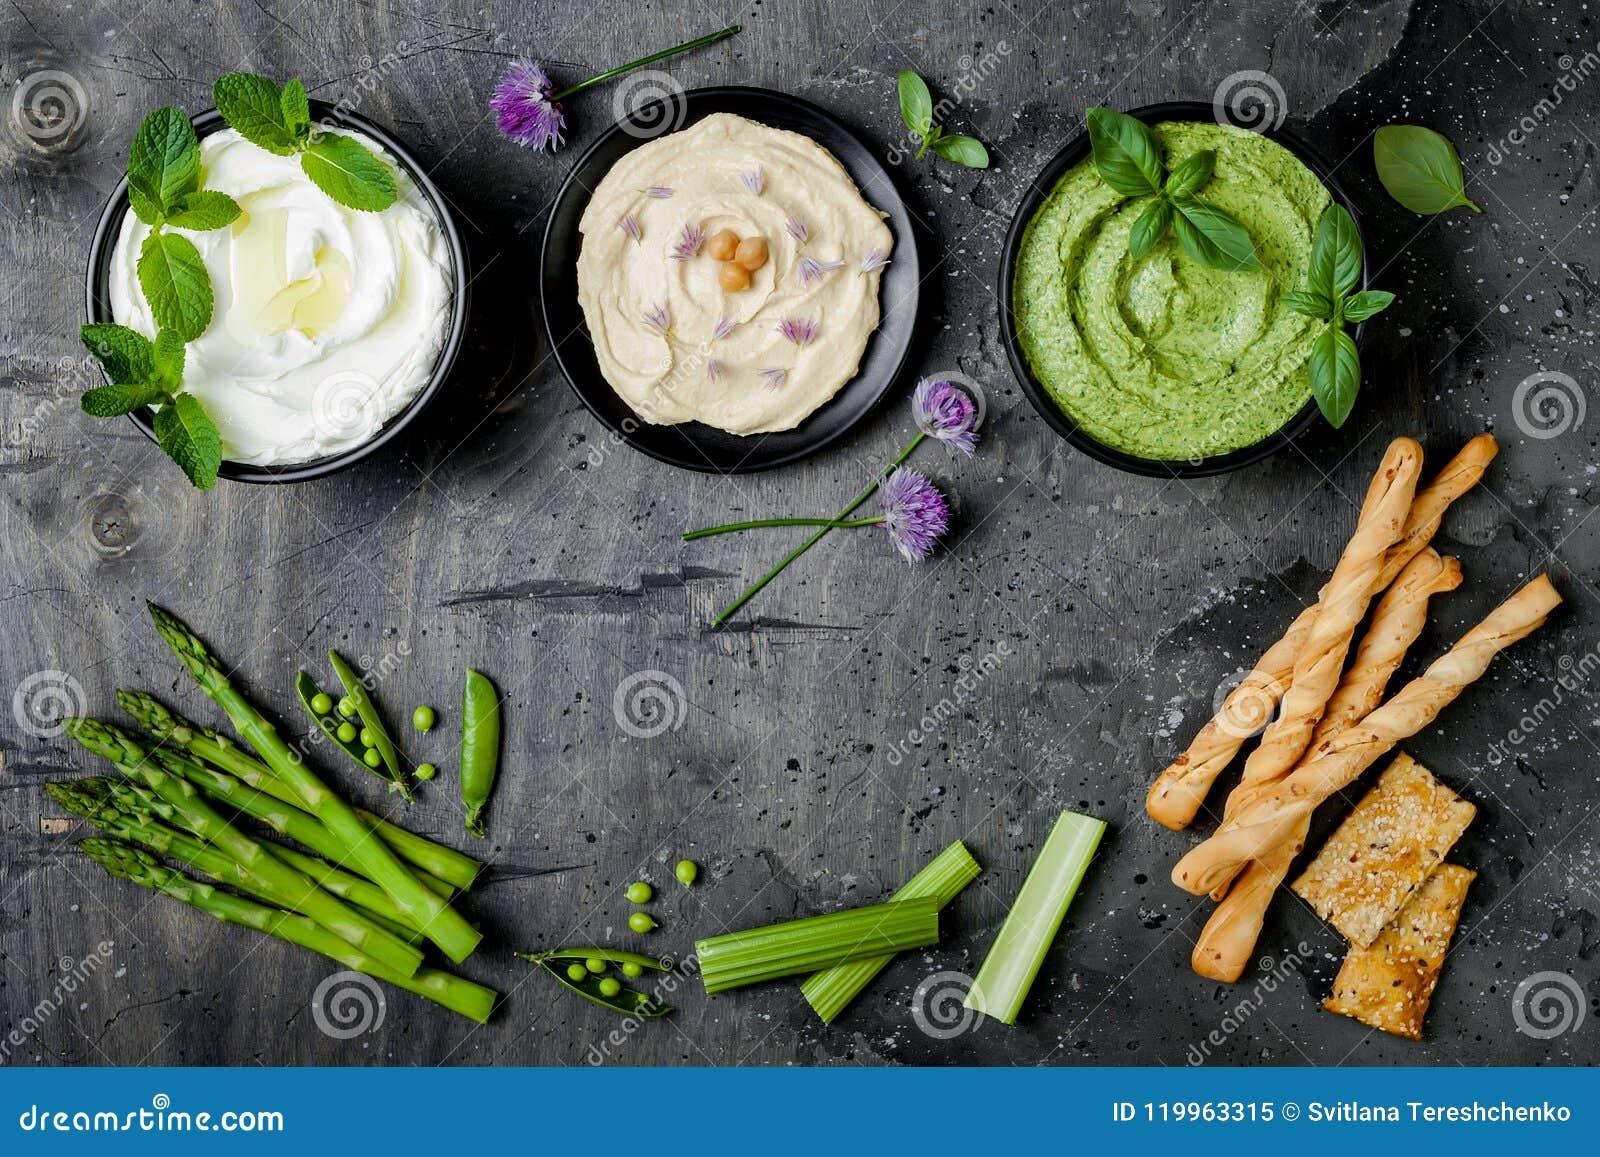 De groene raad van de groenten ruwe snack met diverse onderdompelingen Yoghurtsaus of labneh, hummus, kruidhummus of pesto met cr